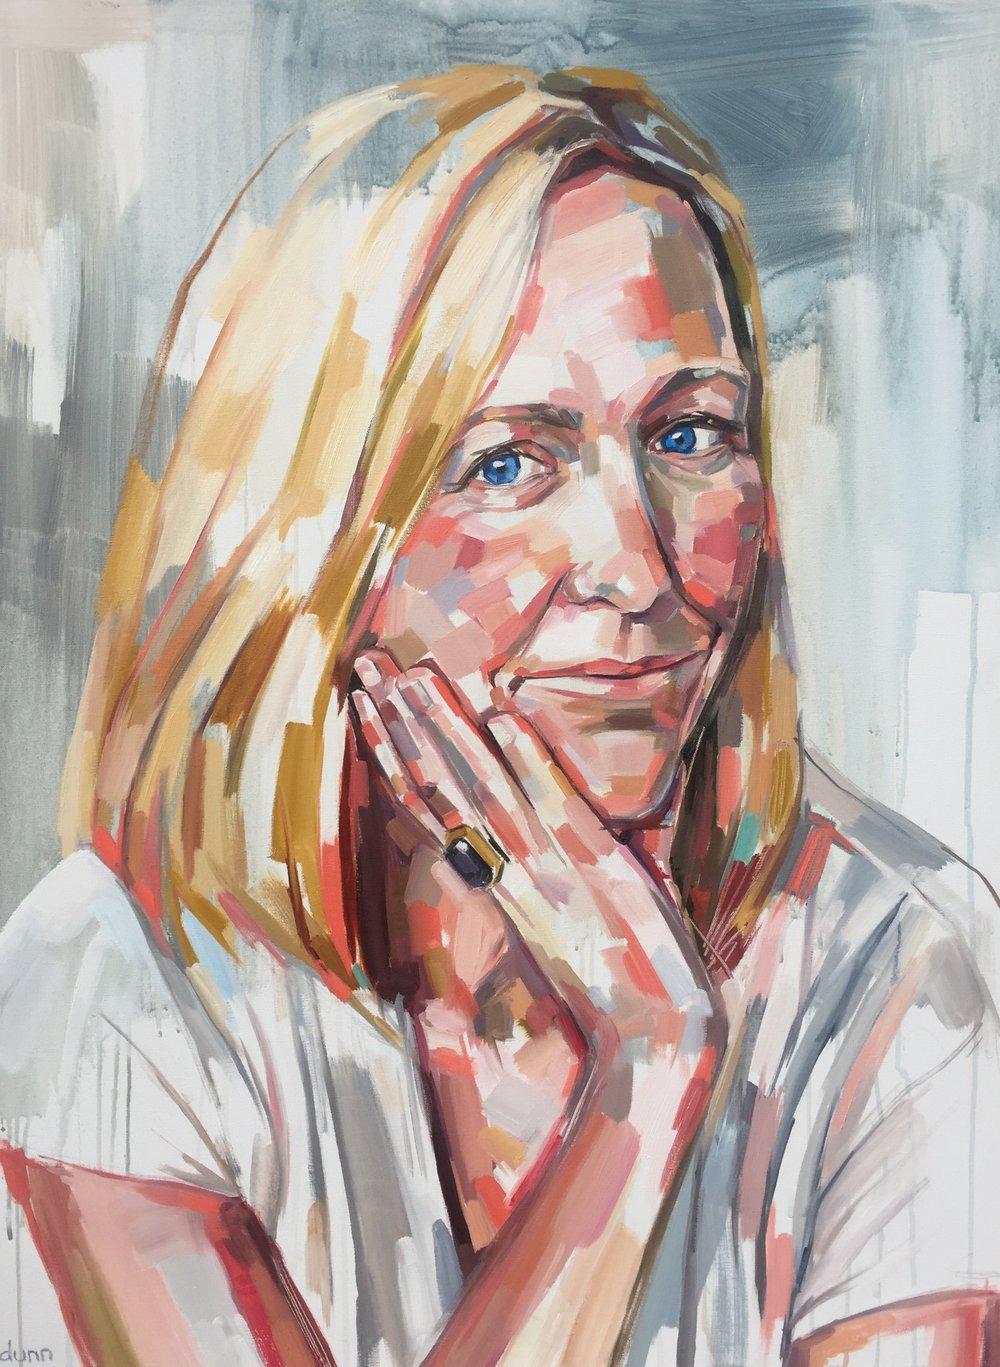 Amanda Stuermer by Sheila Dunn - Resistance Series